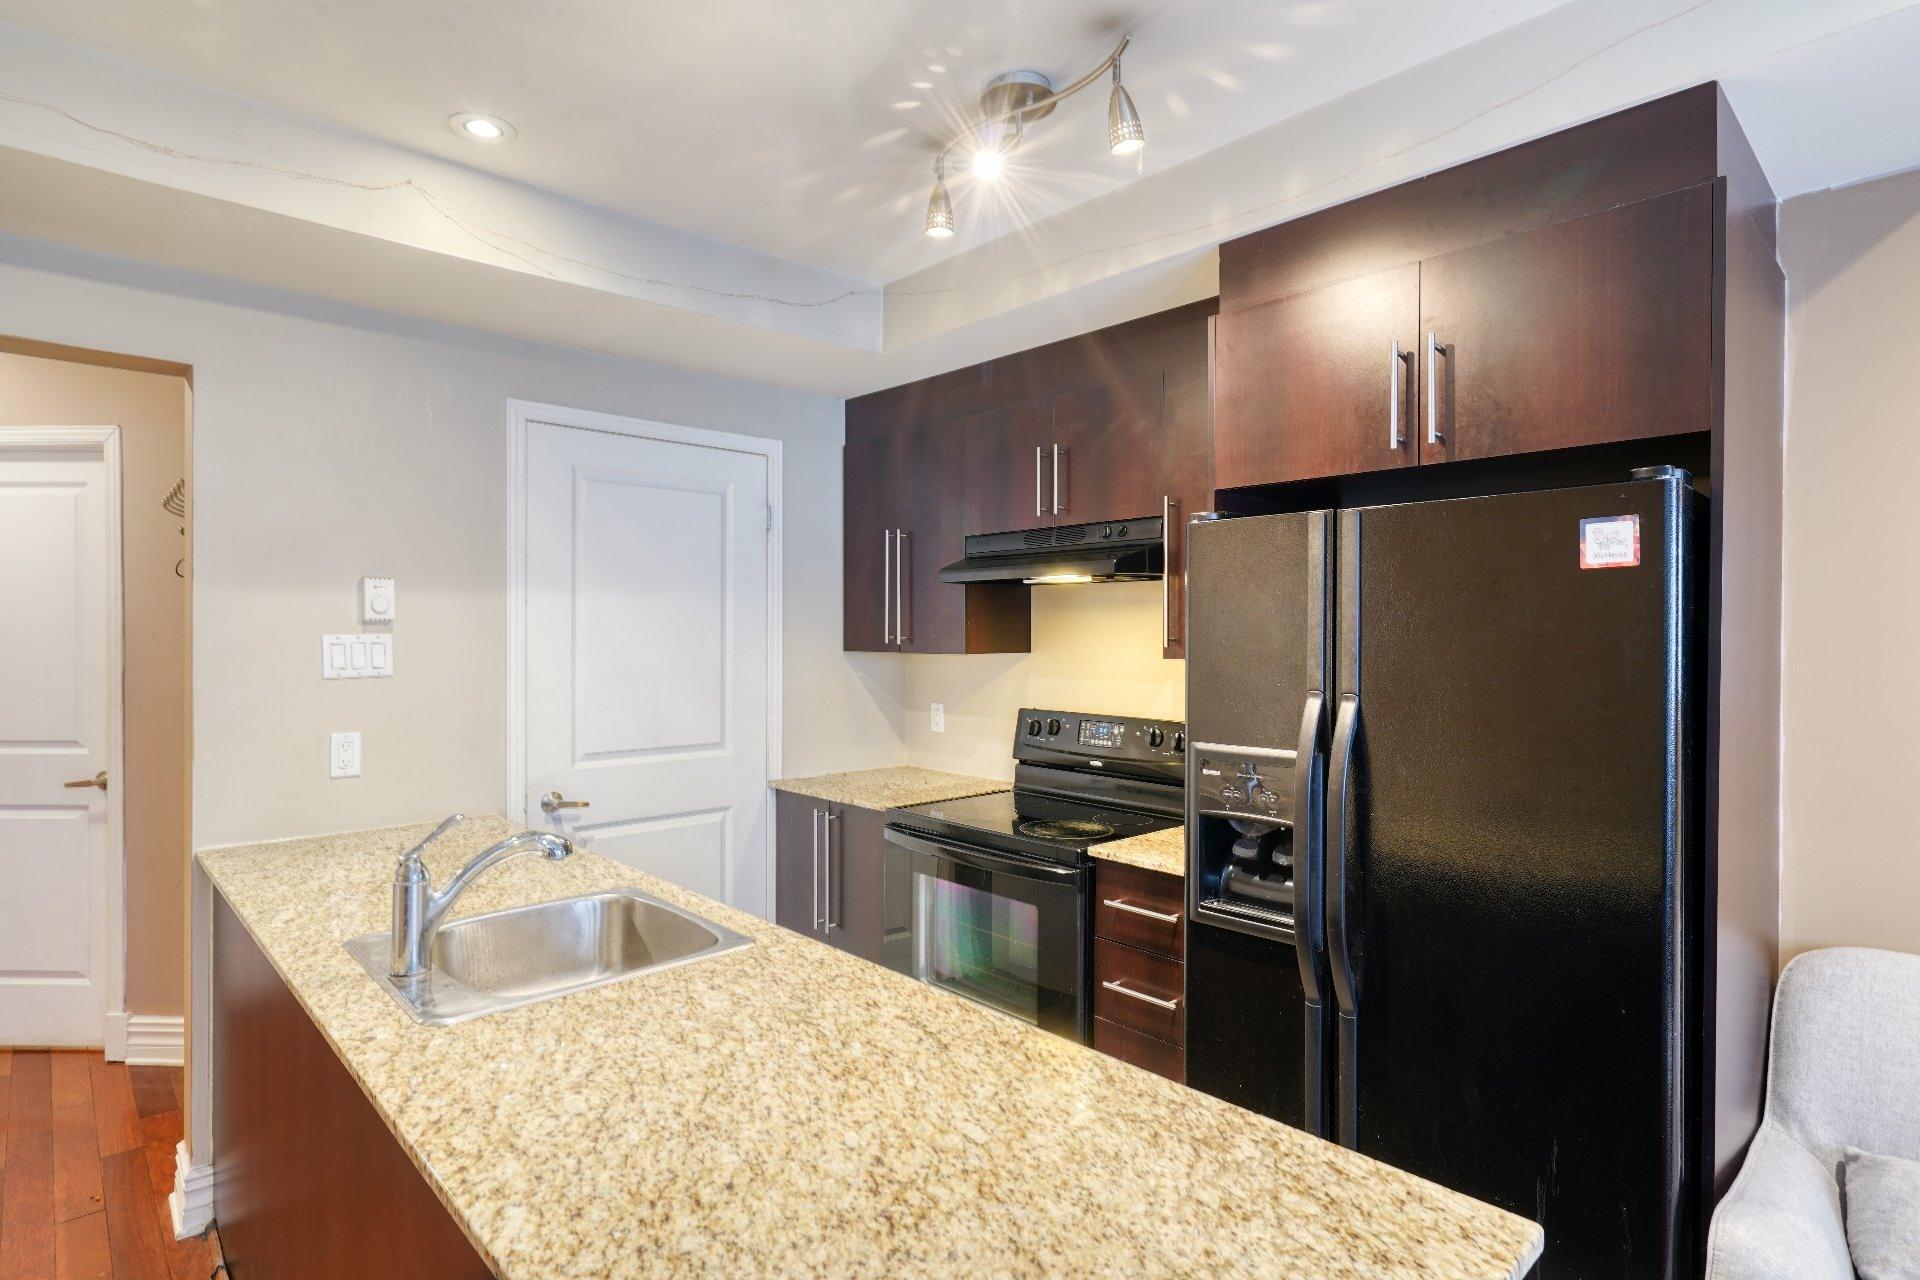 image 4 - Appartement À vendre Le Plateau-Mont-Royal Montréal  - 3 pièces